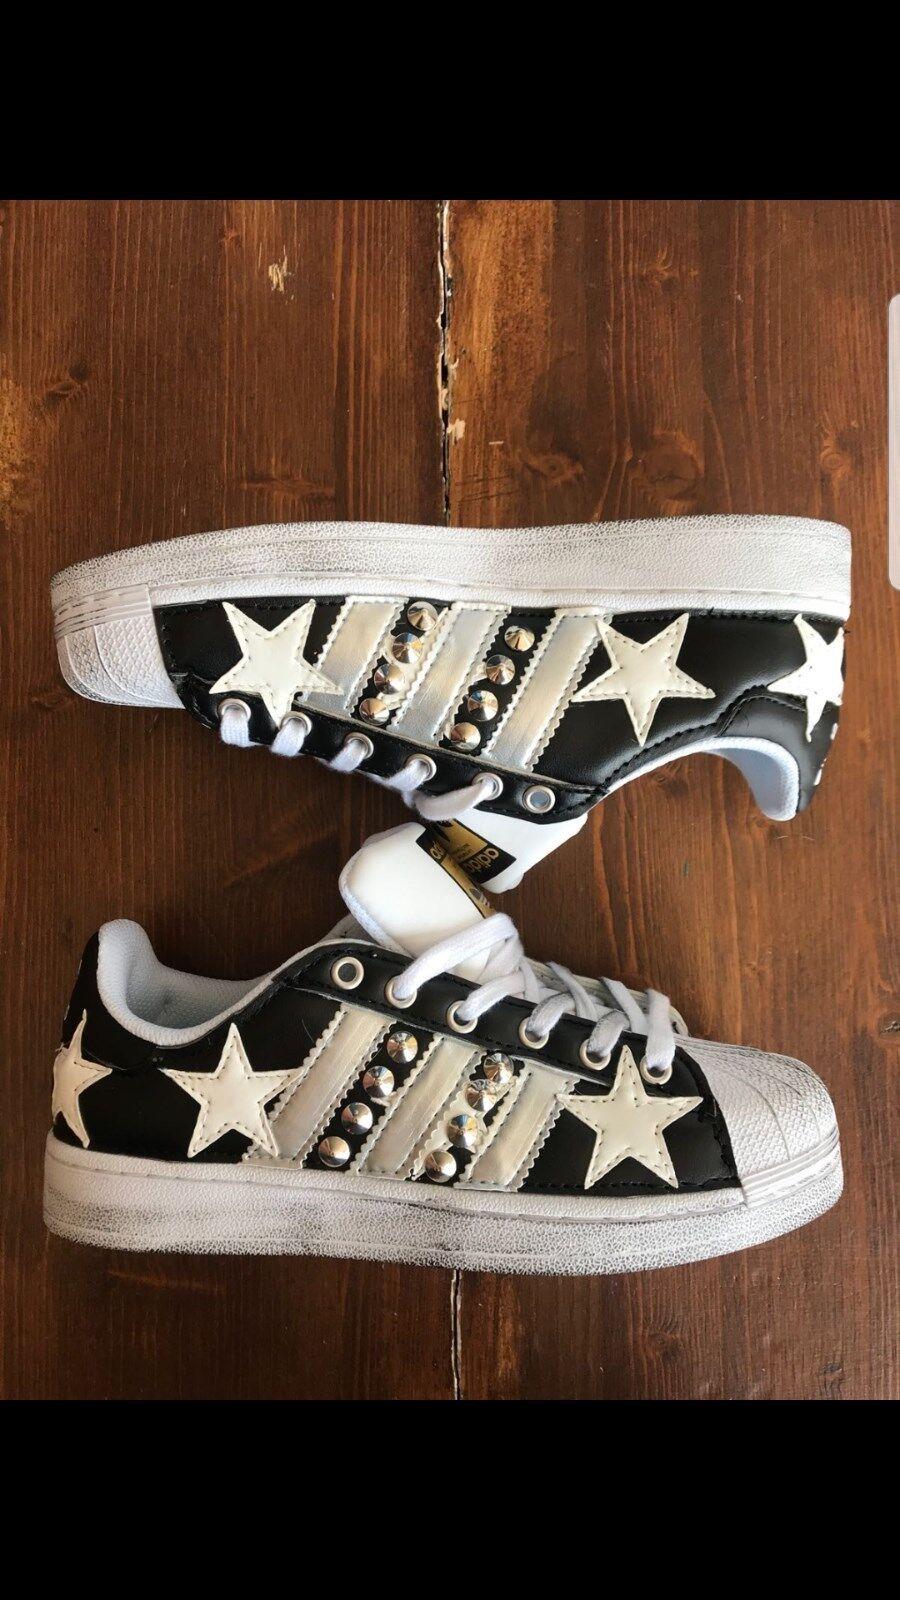 scarpe adidas superstar con borchie stelle e pelle nera con stelle borchie in pelle bianca 204021